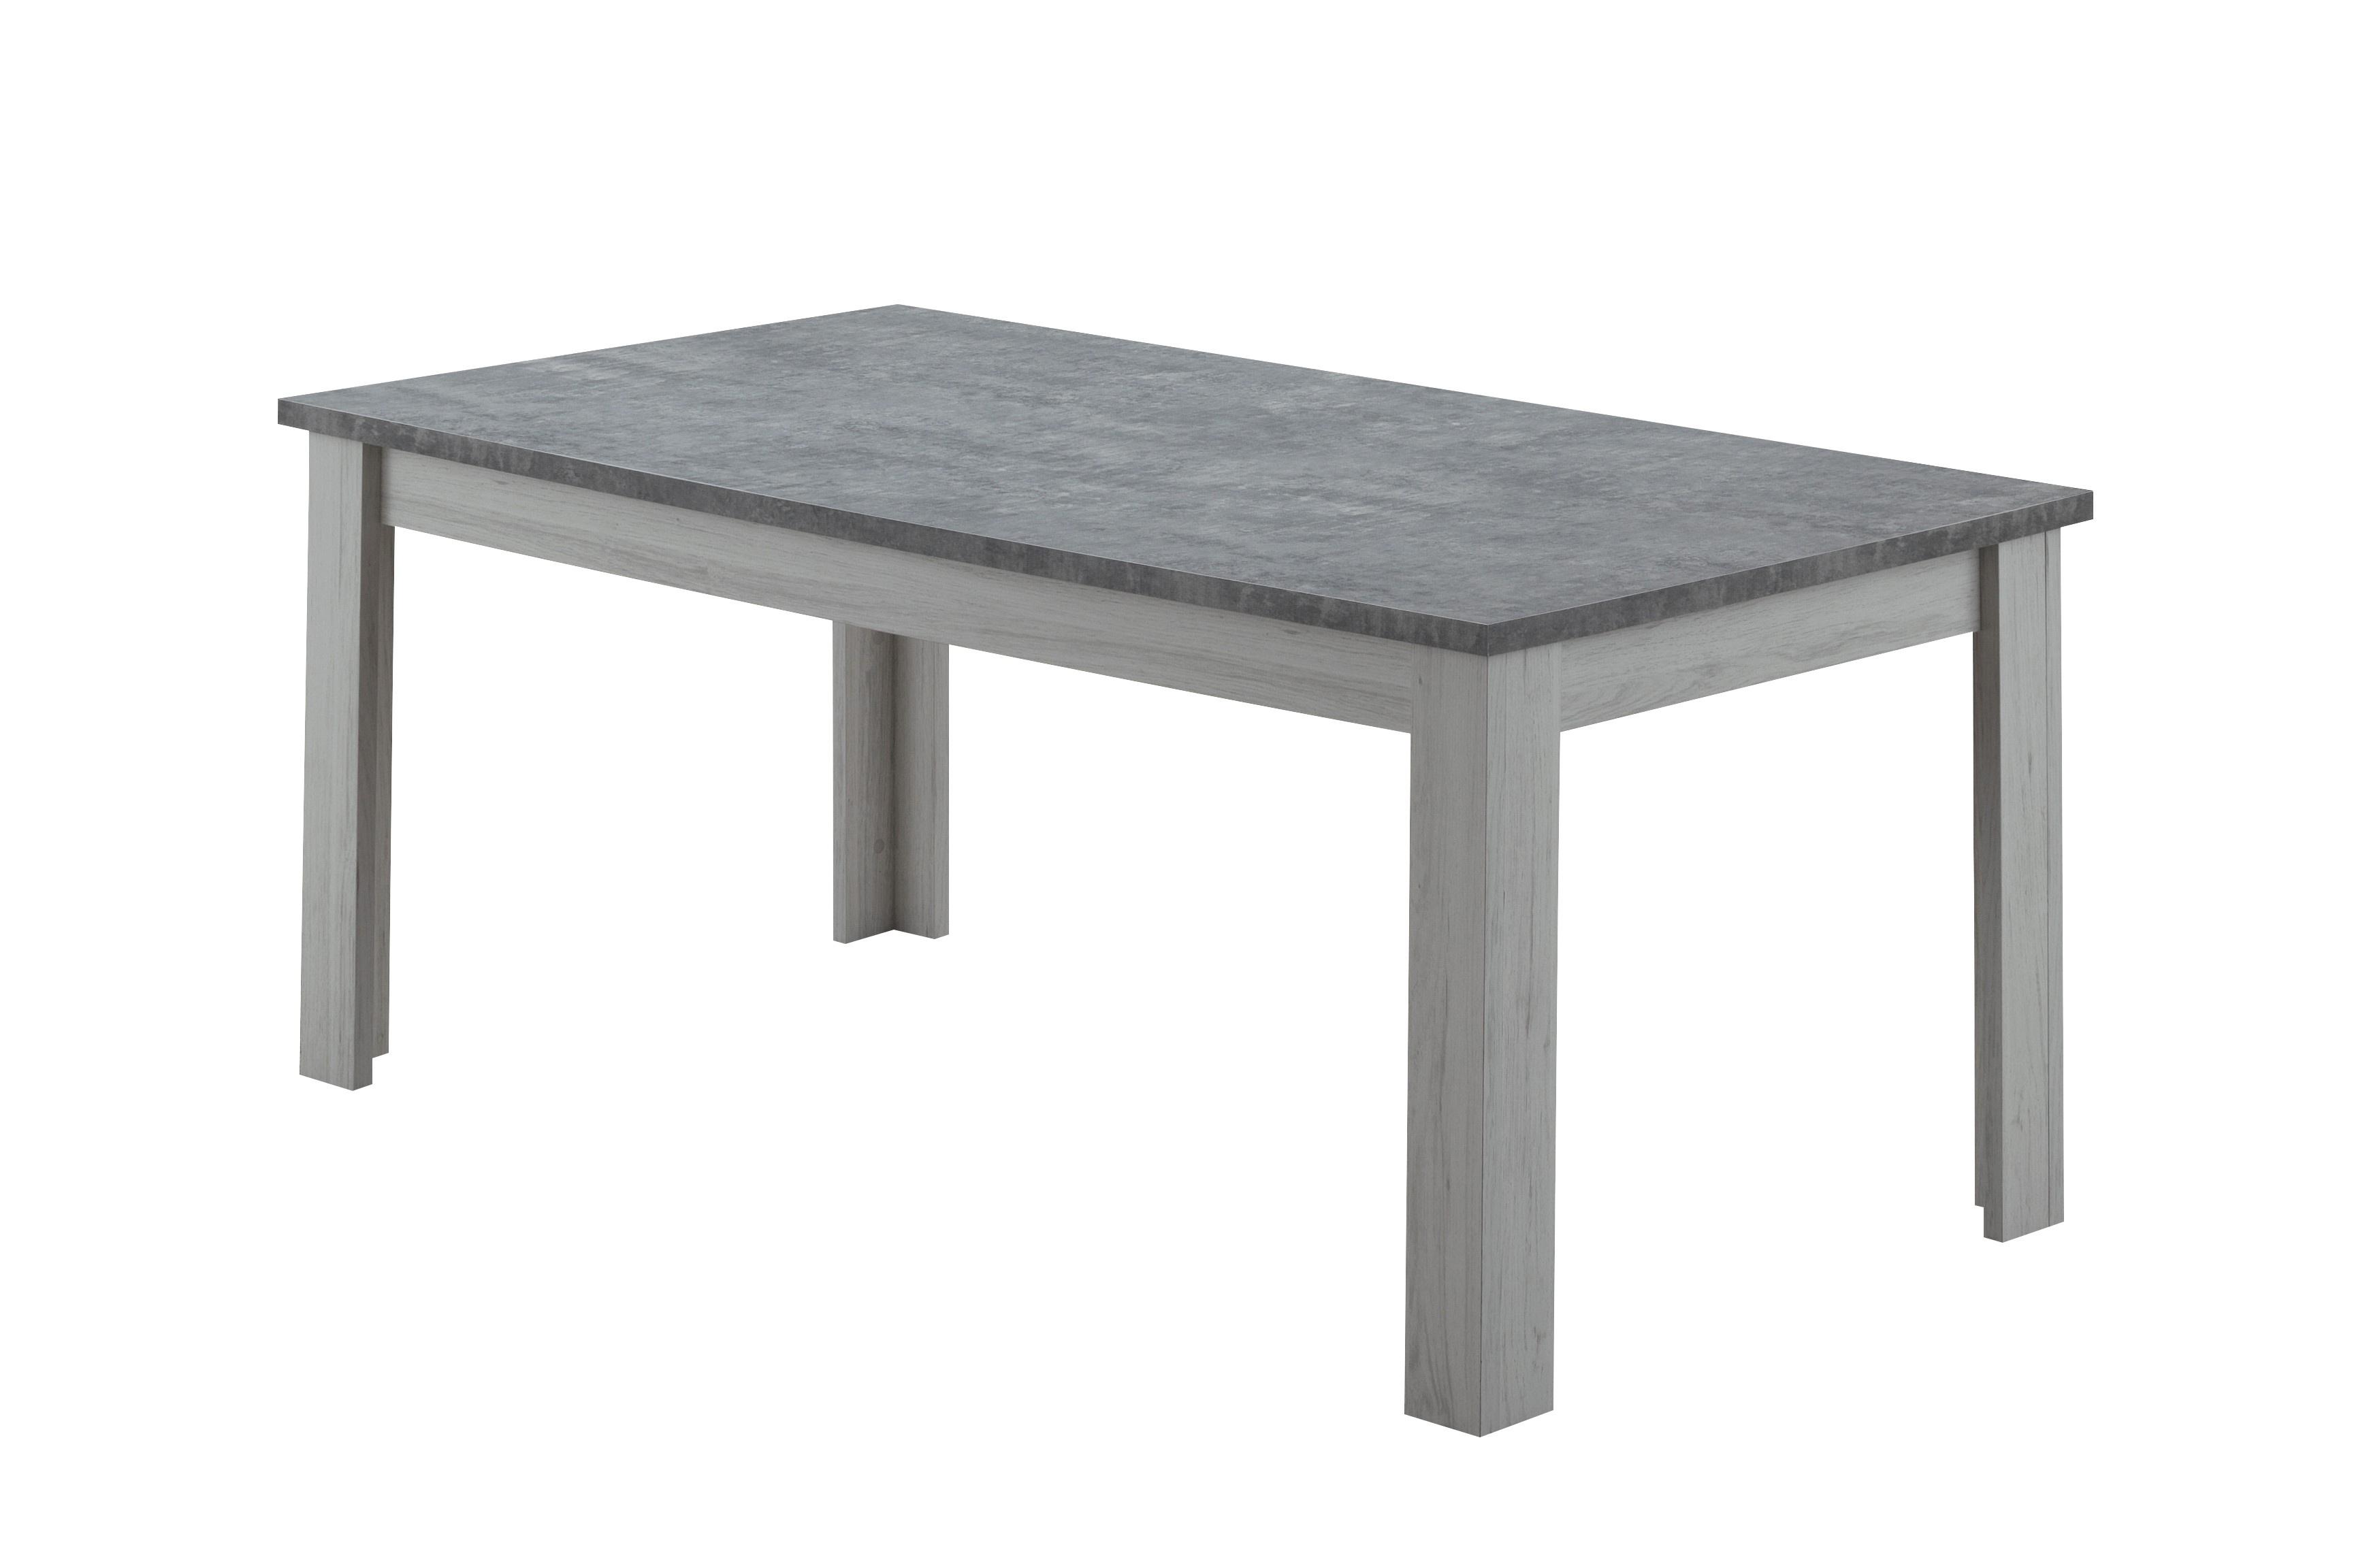 Table de salle à manger contemporaine chêne clair/gris béton Emmanuelle